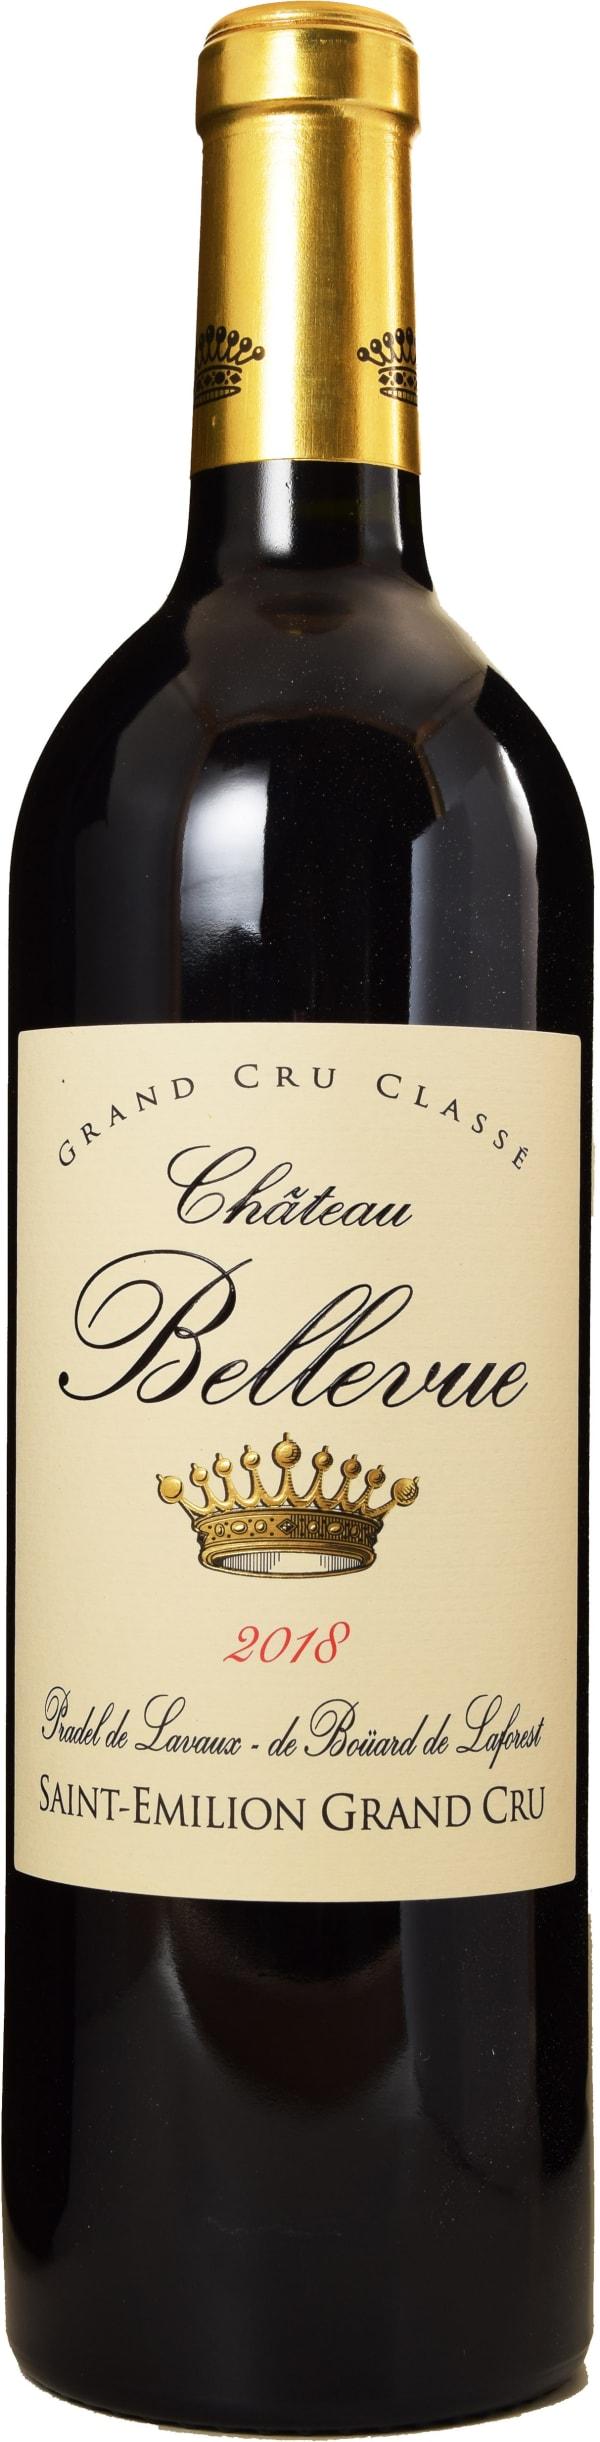 Chateau Bellevue 2014